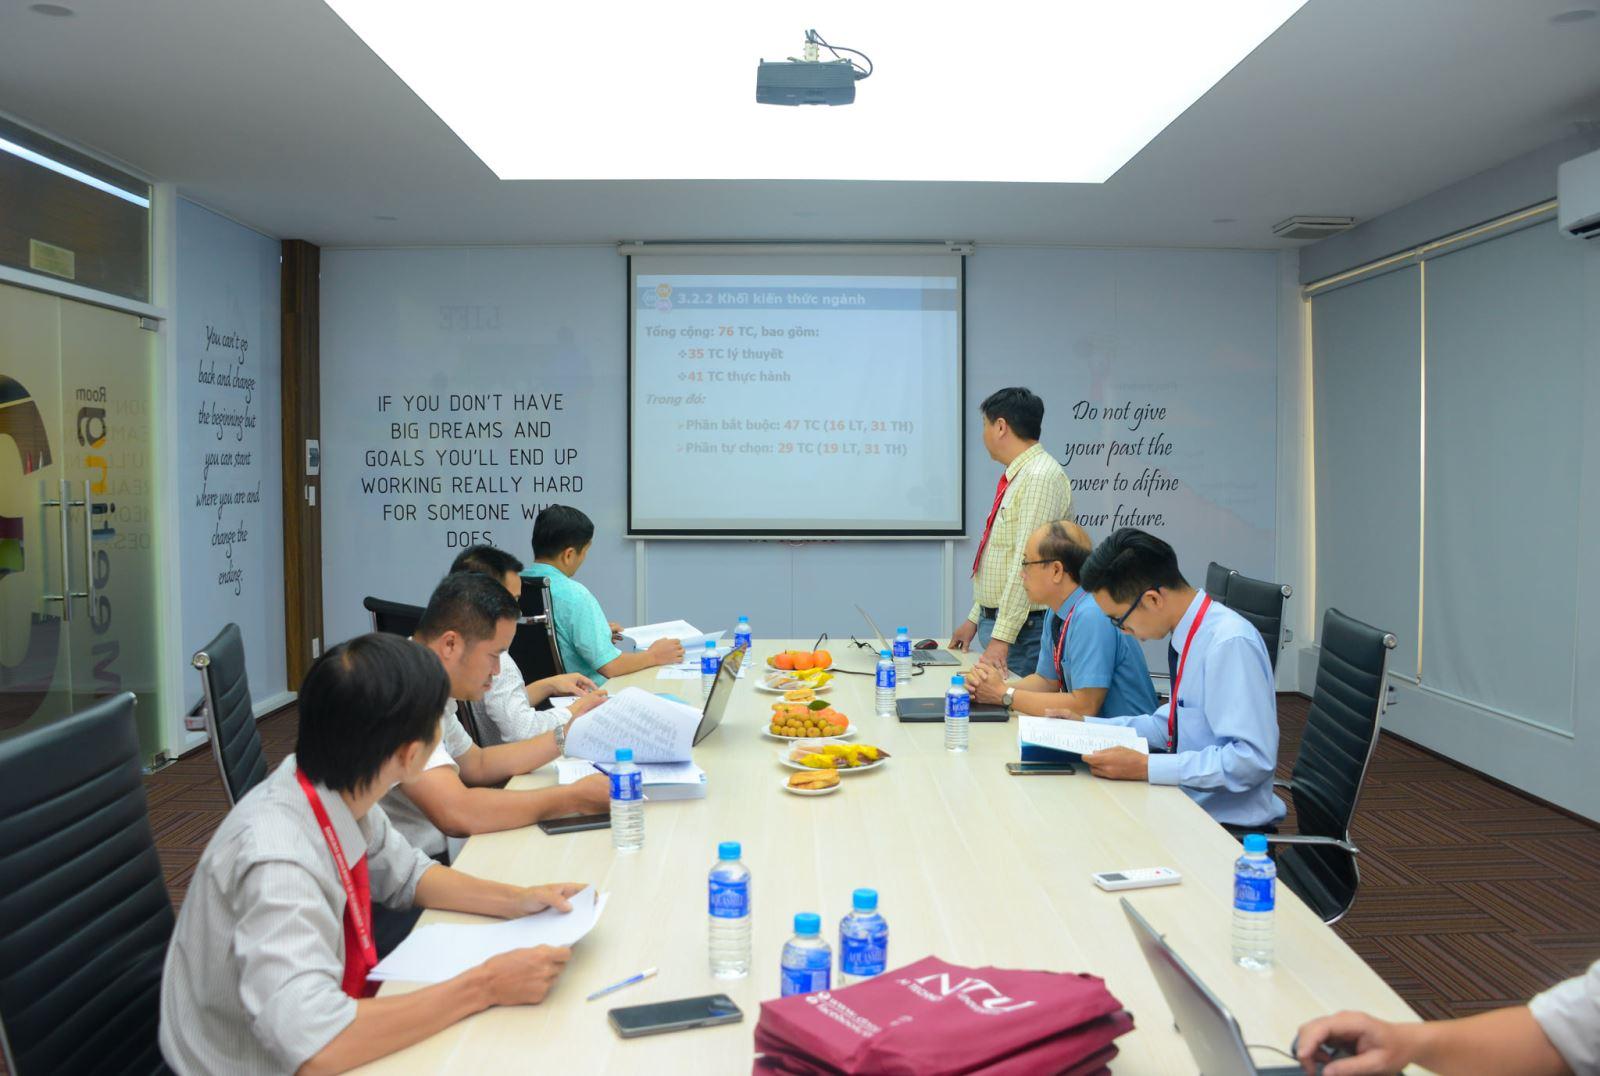 DNTU: Thẩm định CTĐT ngành Công nghệ kỹ thuật Điều khiển và Tự động hóa (Mã ngành: 7510303)